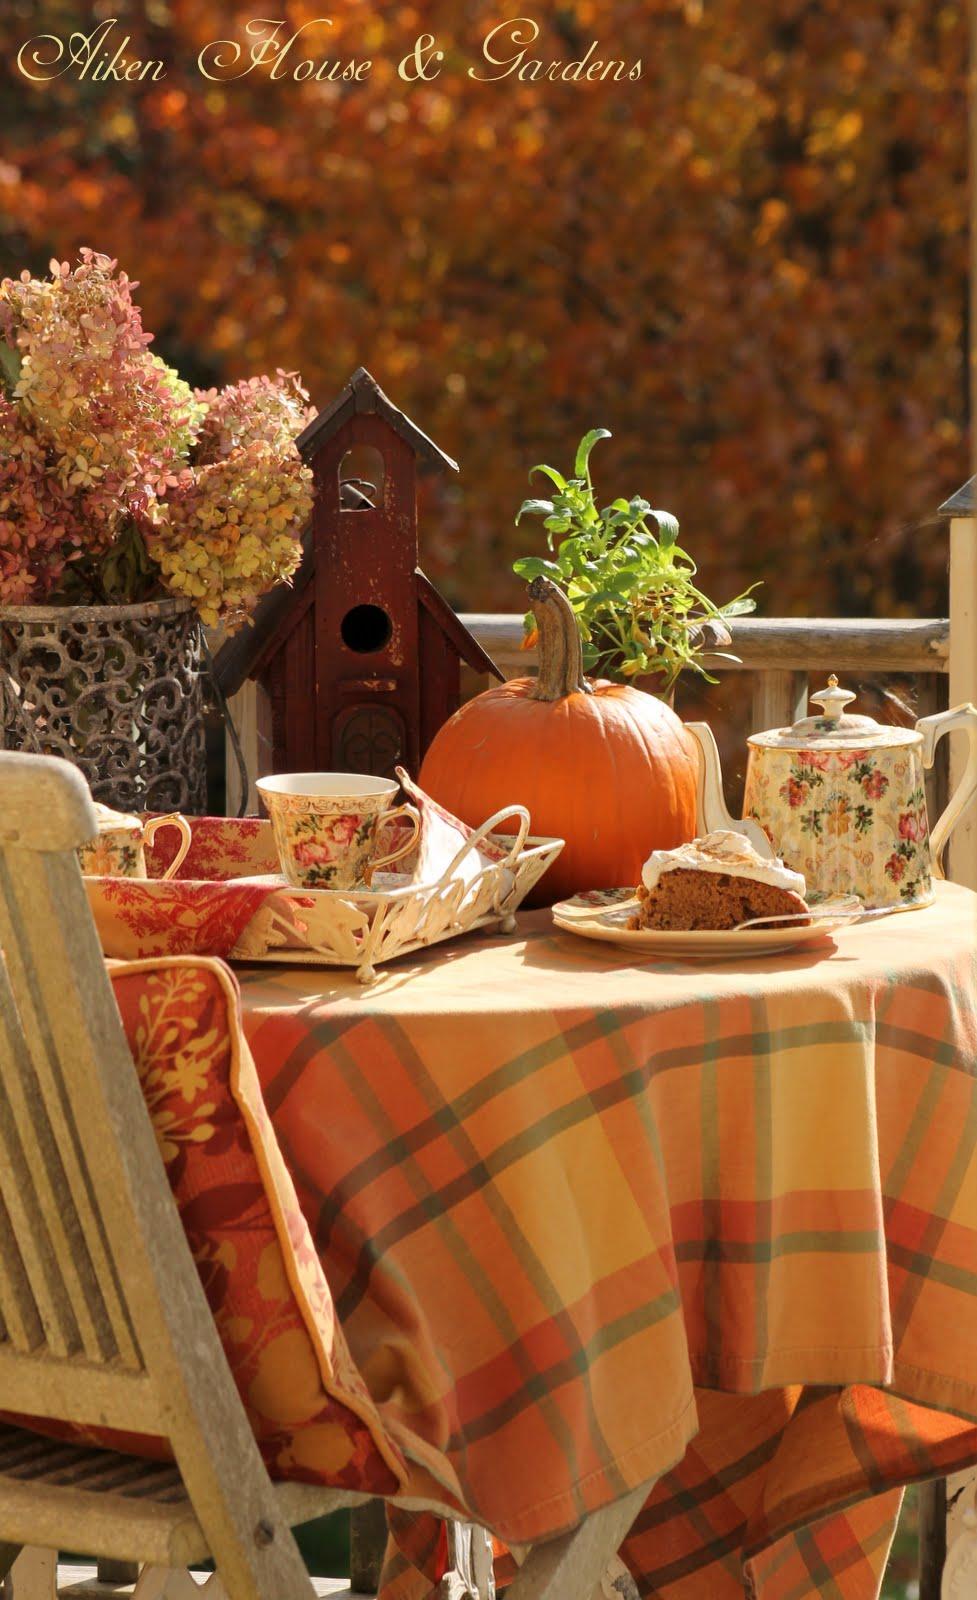 Aiken house gardens teatime a year in review for Aiken house